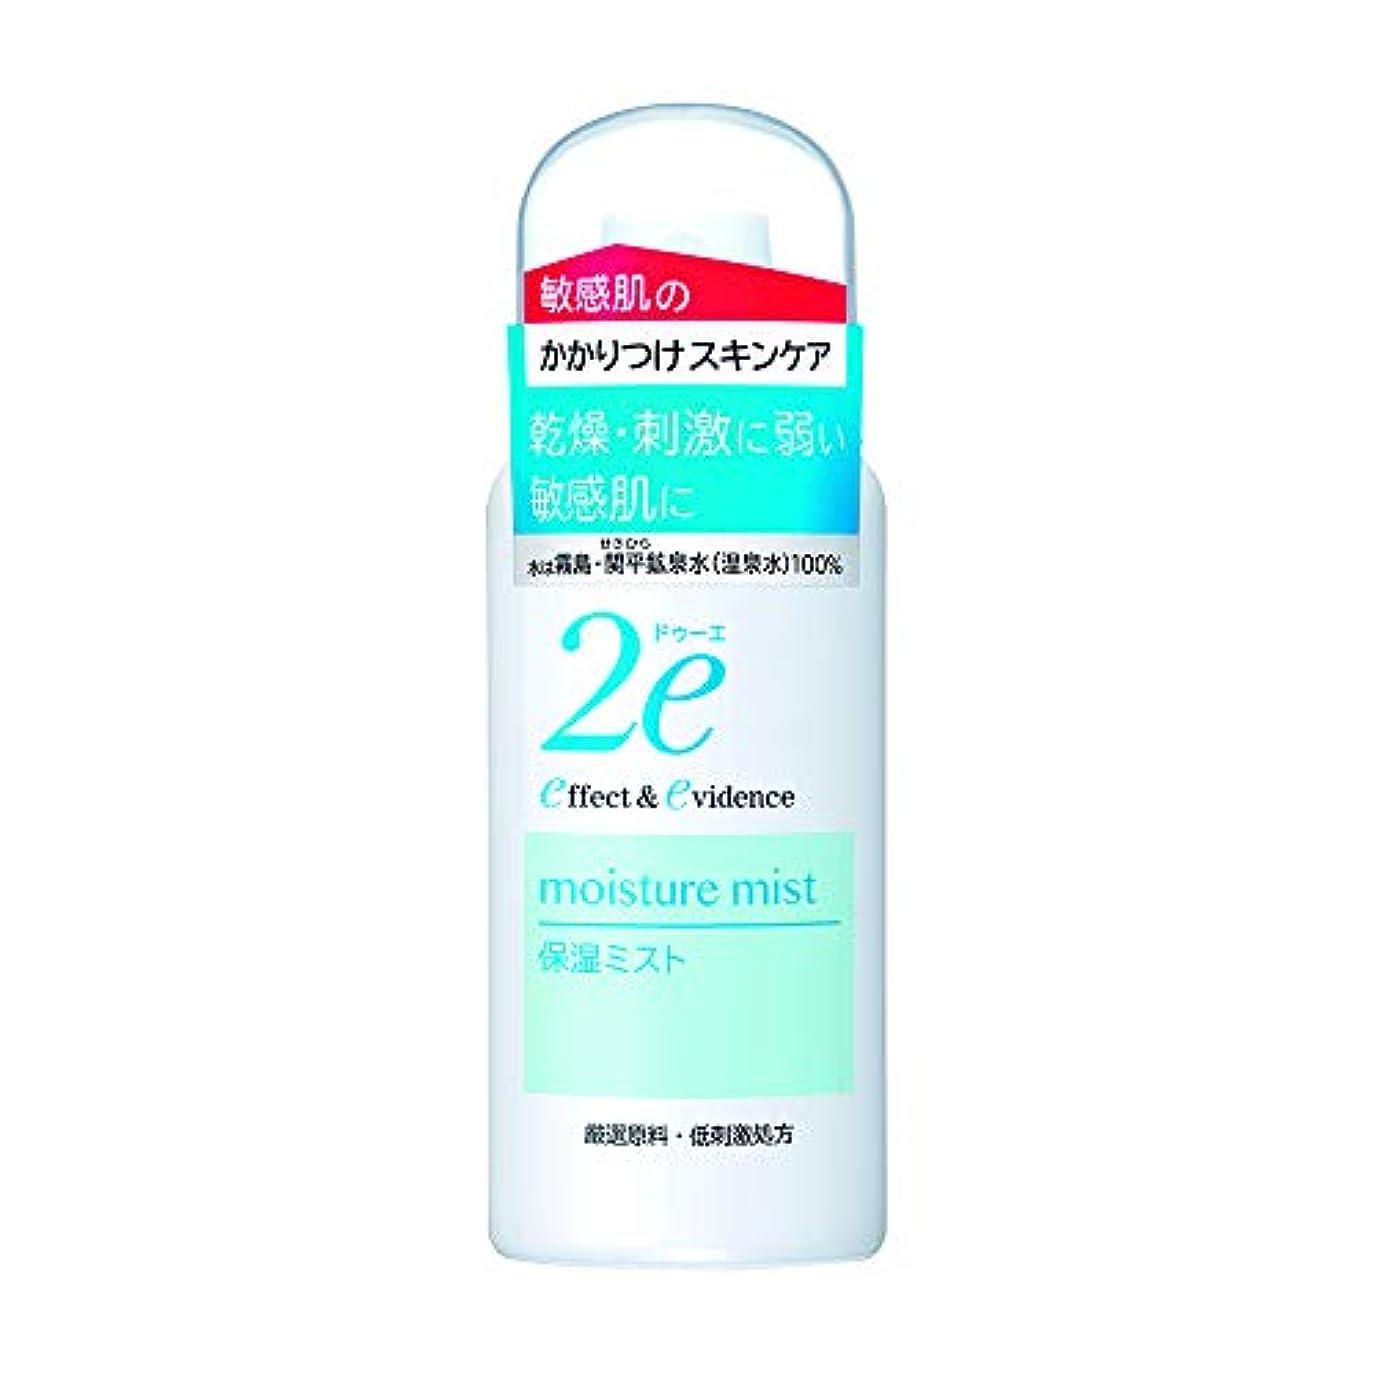 鰐高揚したへこみ2e(ドゥーエ) 保湿ミスト 携帯用 敏感肌用化粧水 スプレータイプ 低刺激処方 50g